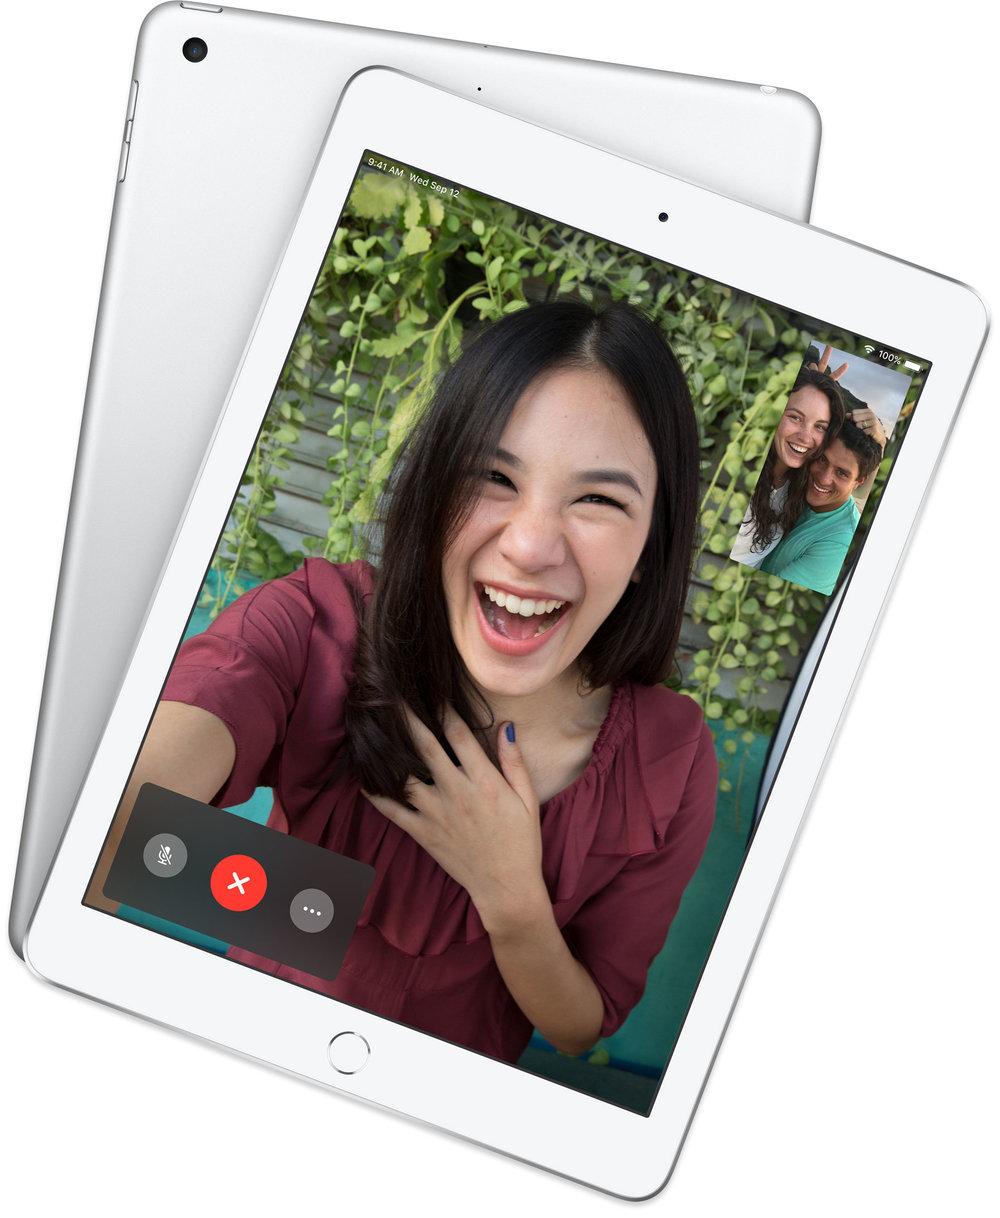 iPad-9.7.jpg